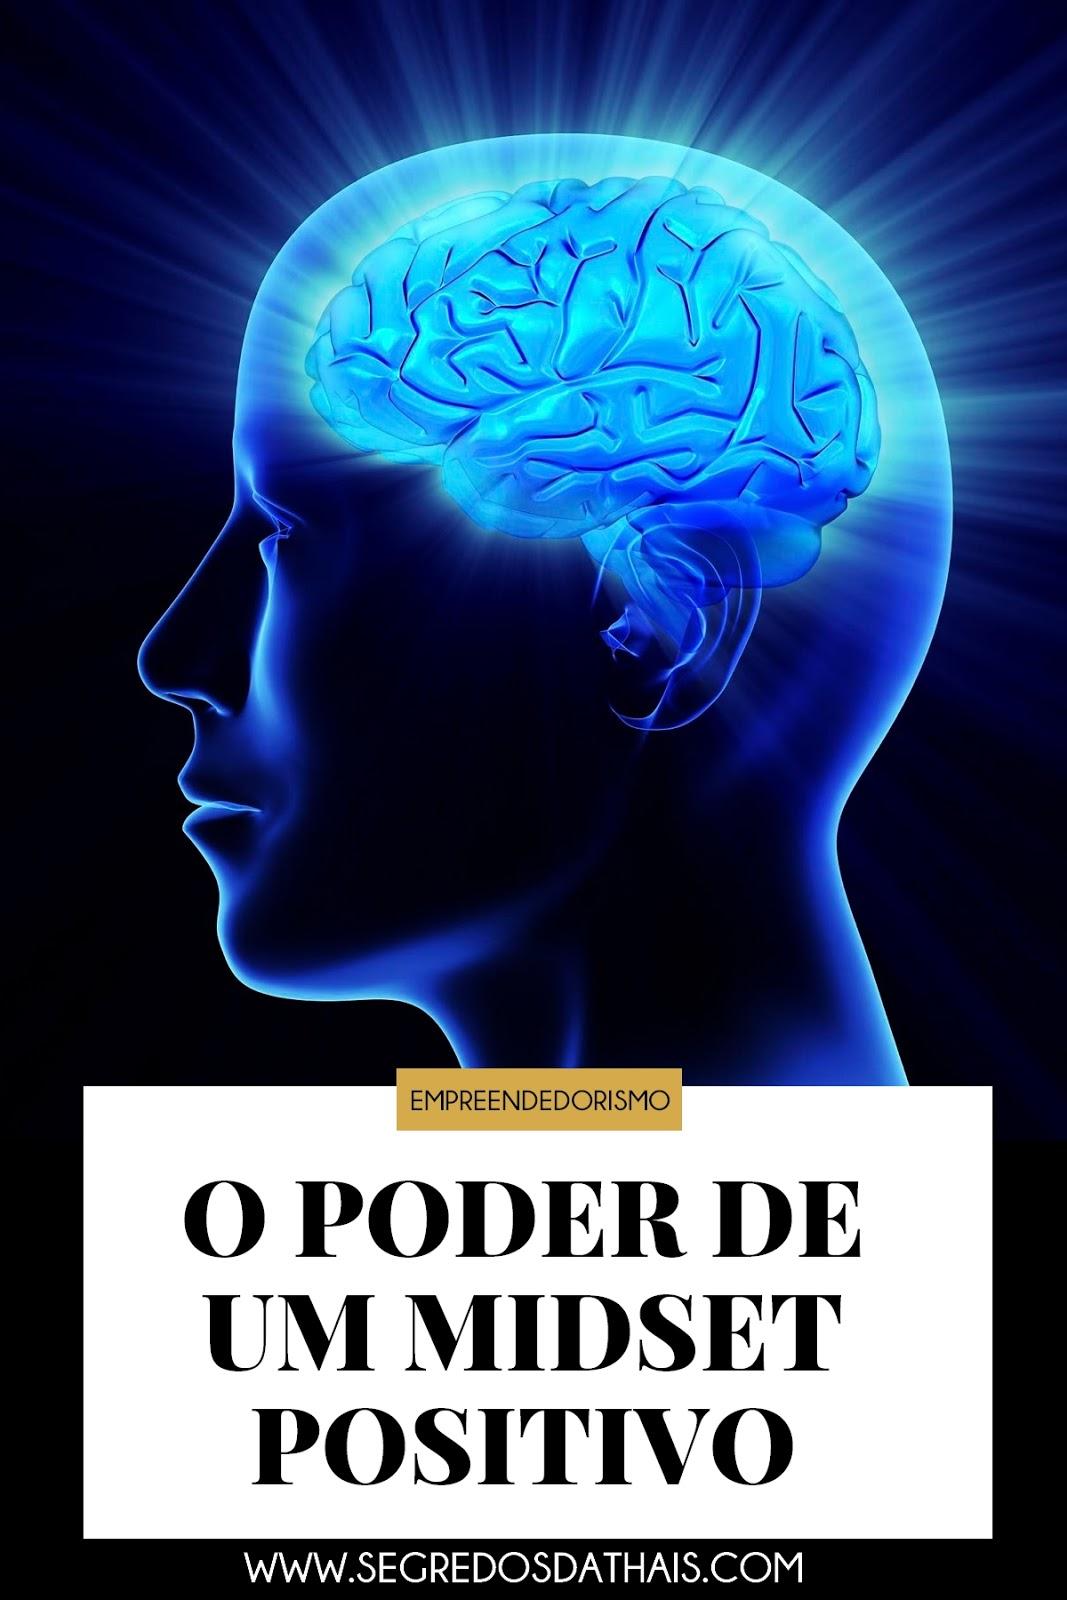 O Poder de um Mindset Positivo